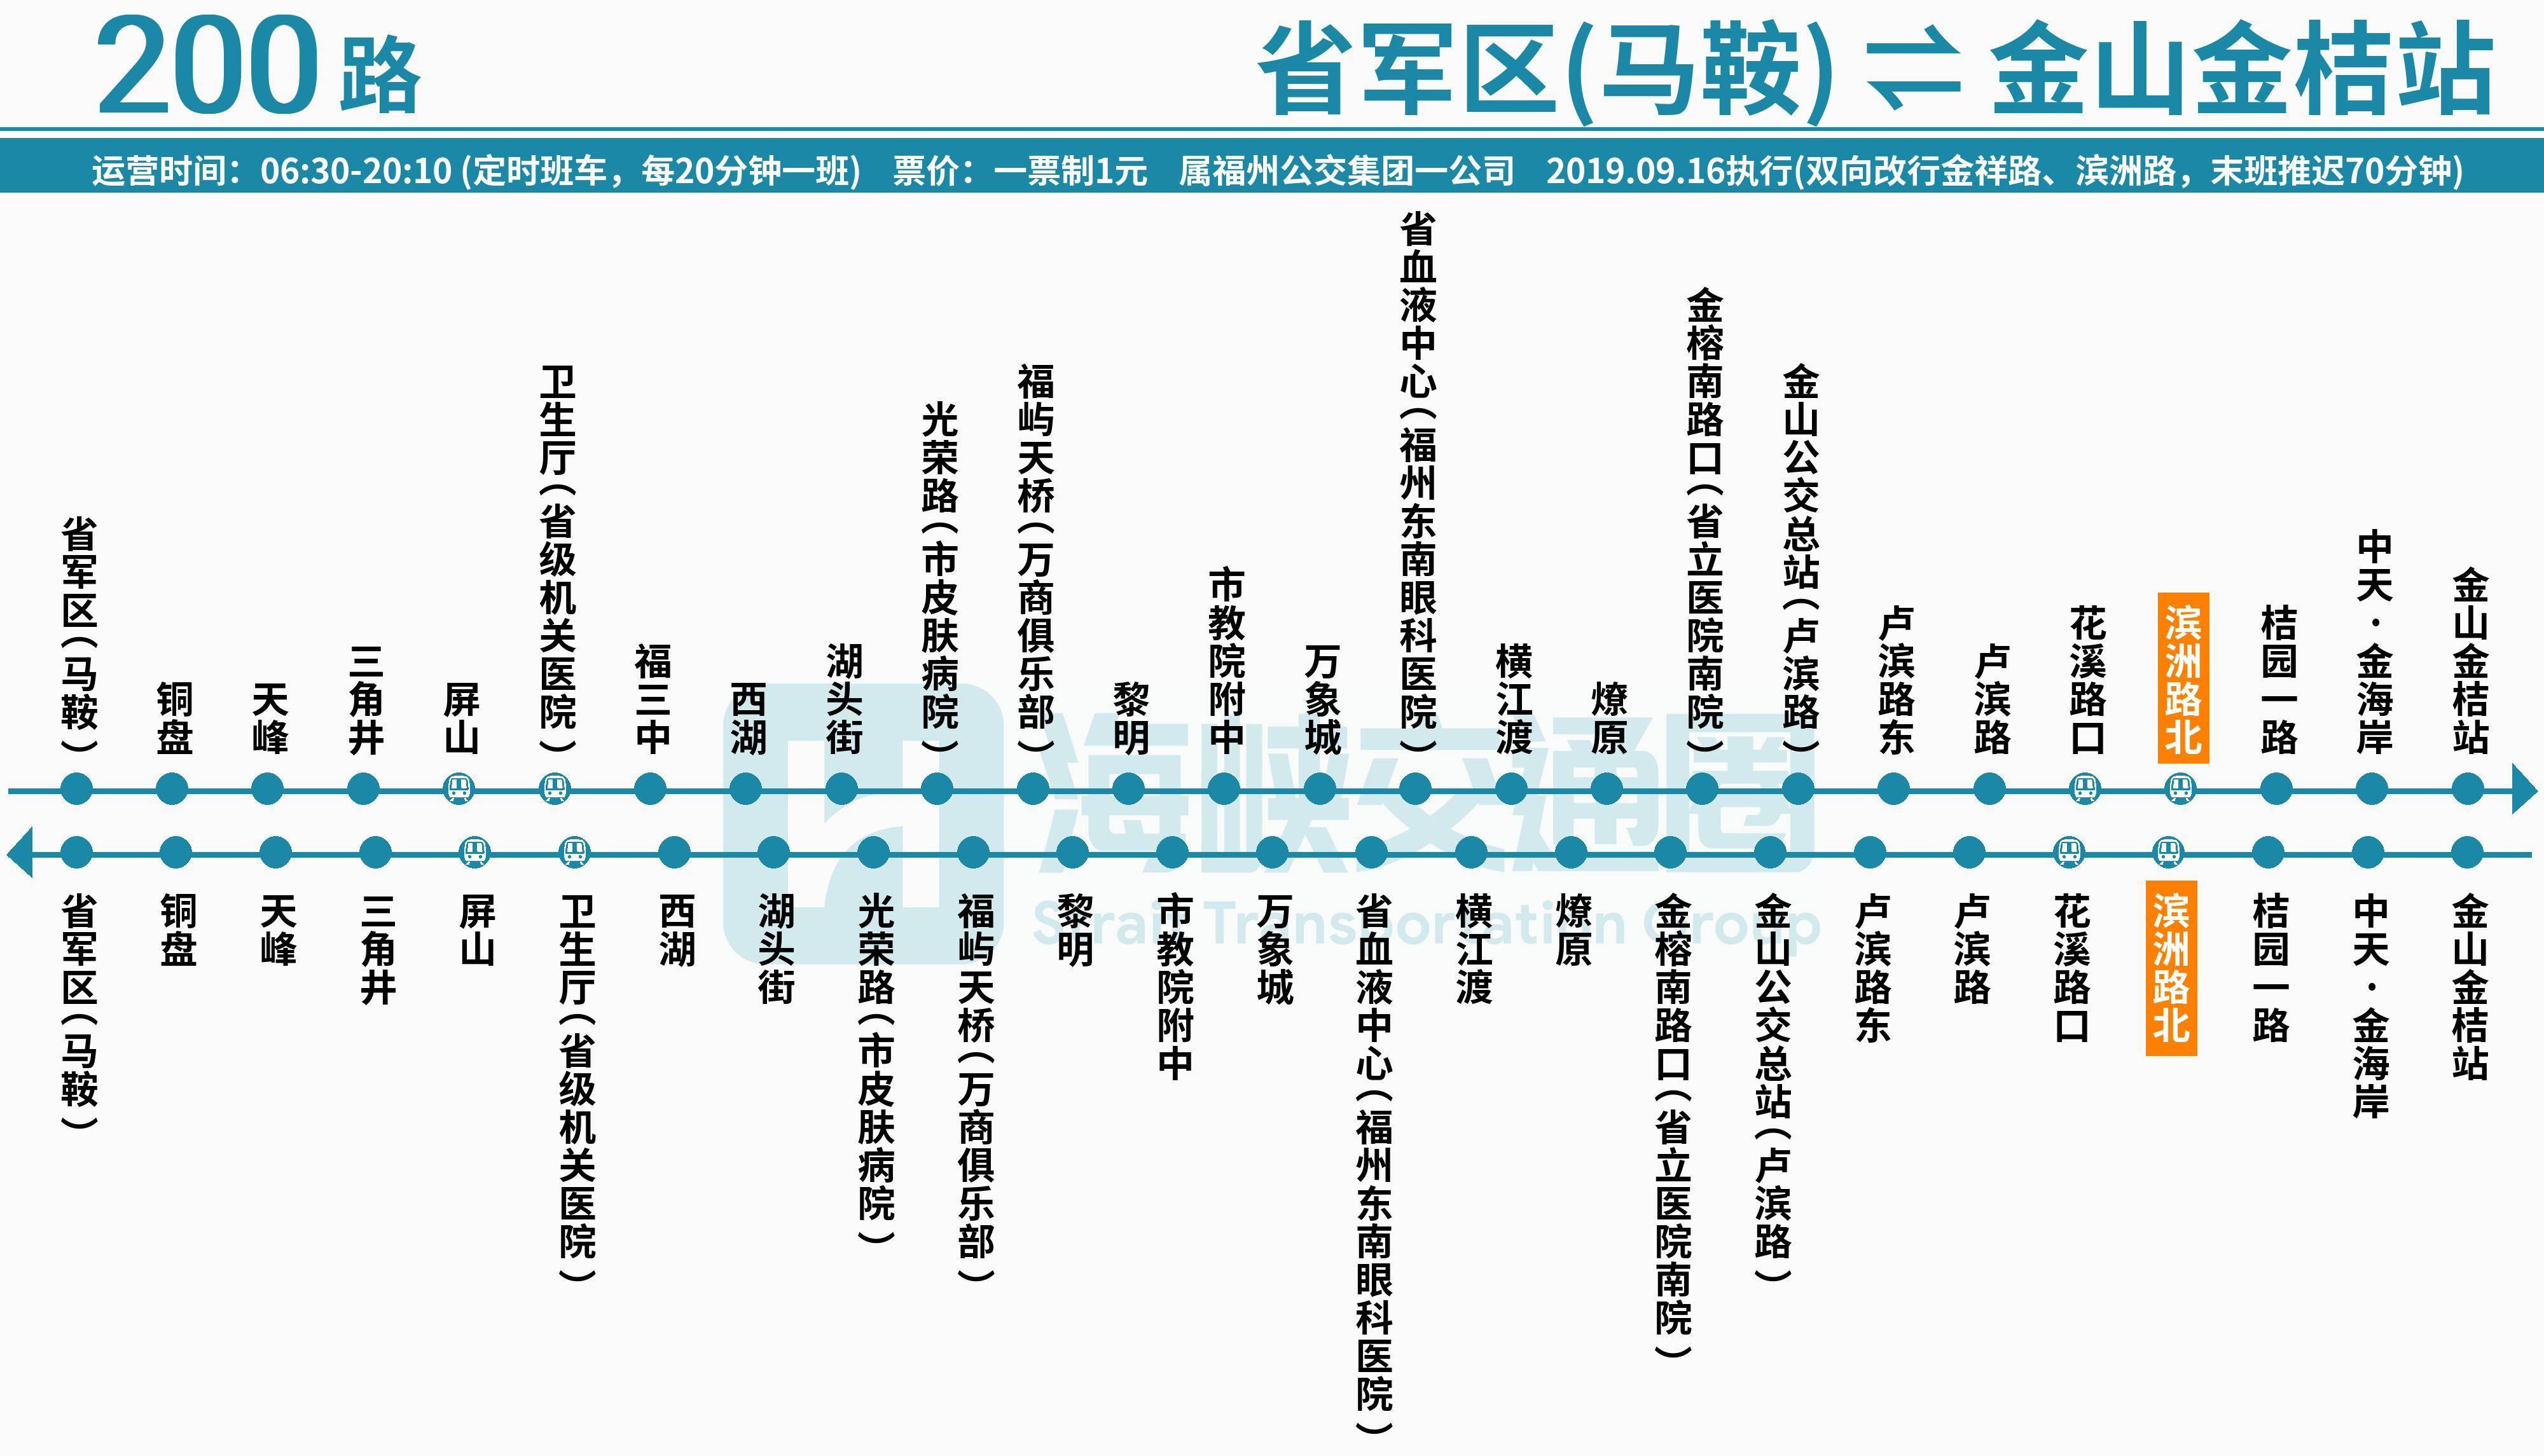 20-38-16-routemapfucker.jpg